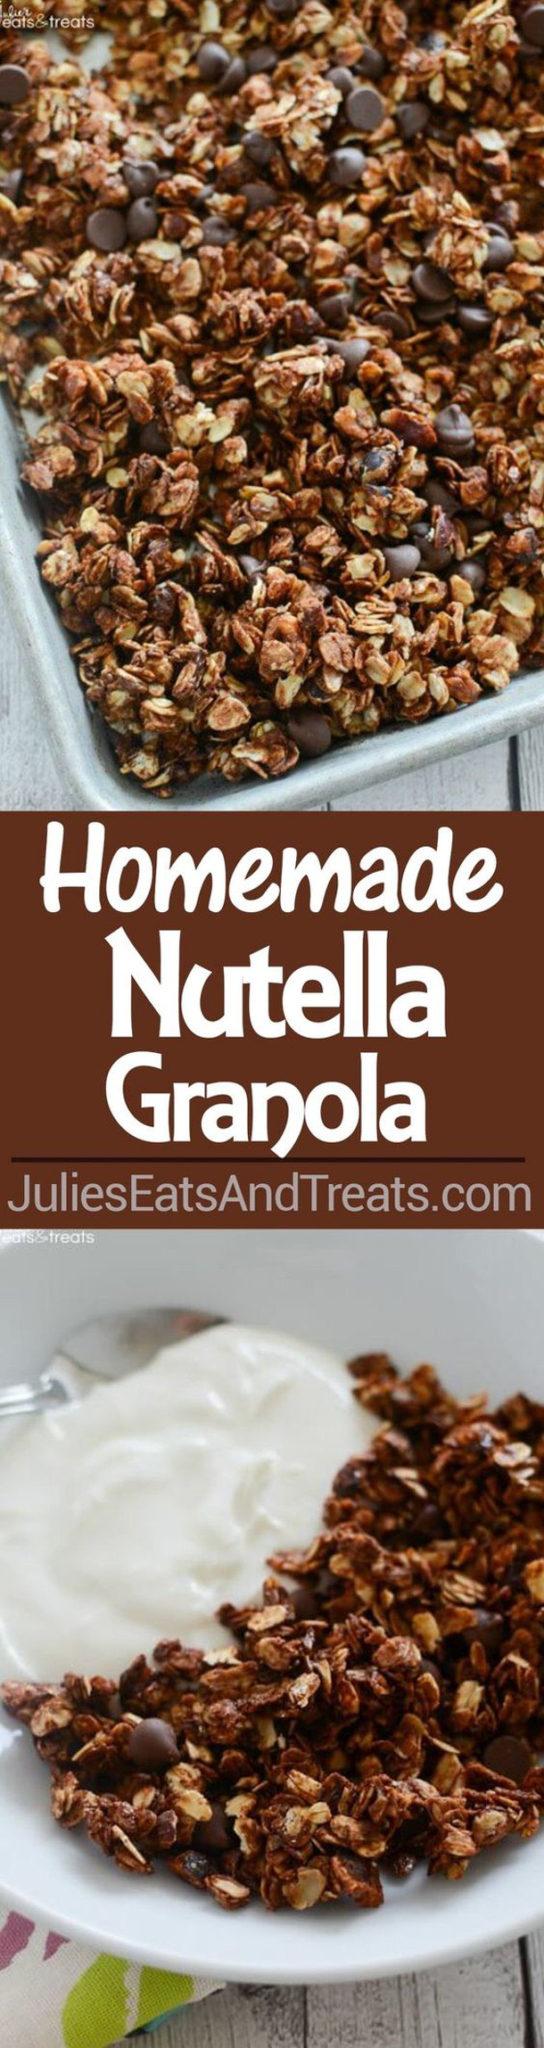 Healthy Snacks - Homemade Nutella Granola Recipe via Julies Eats and Treats